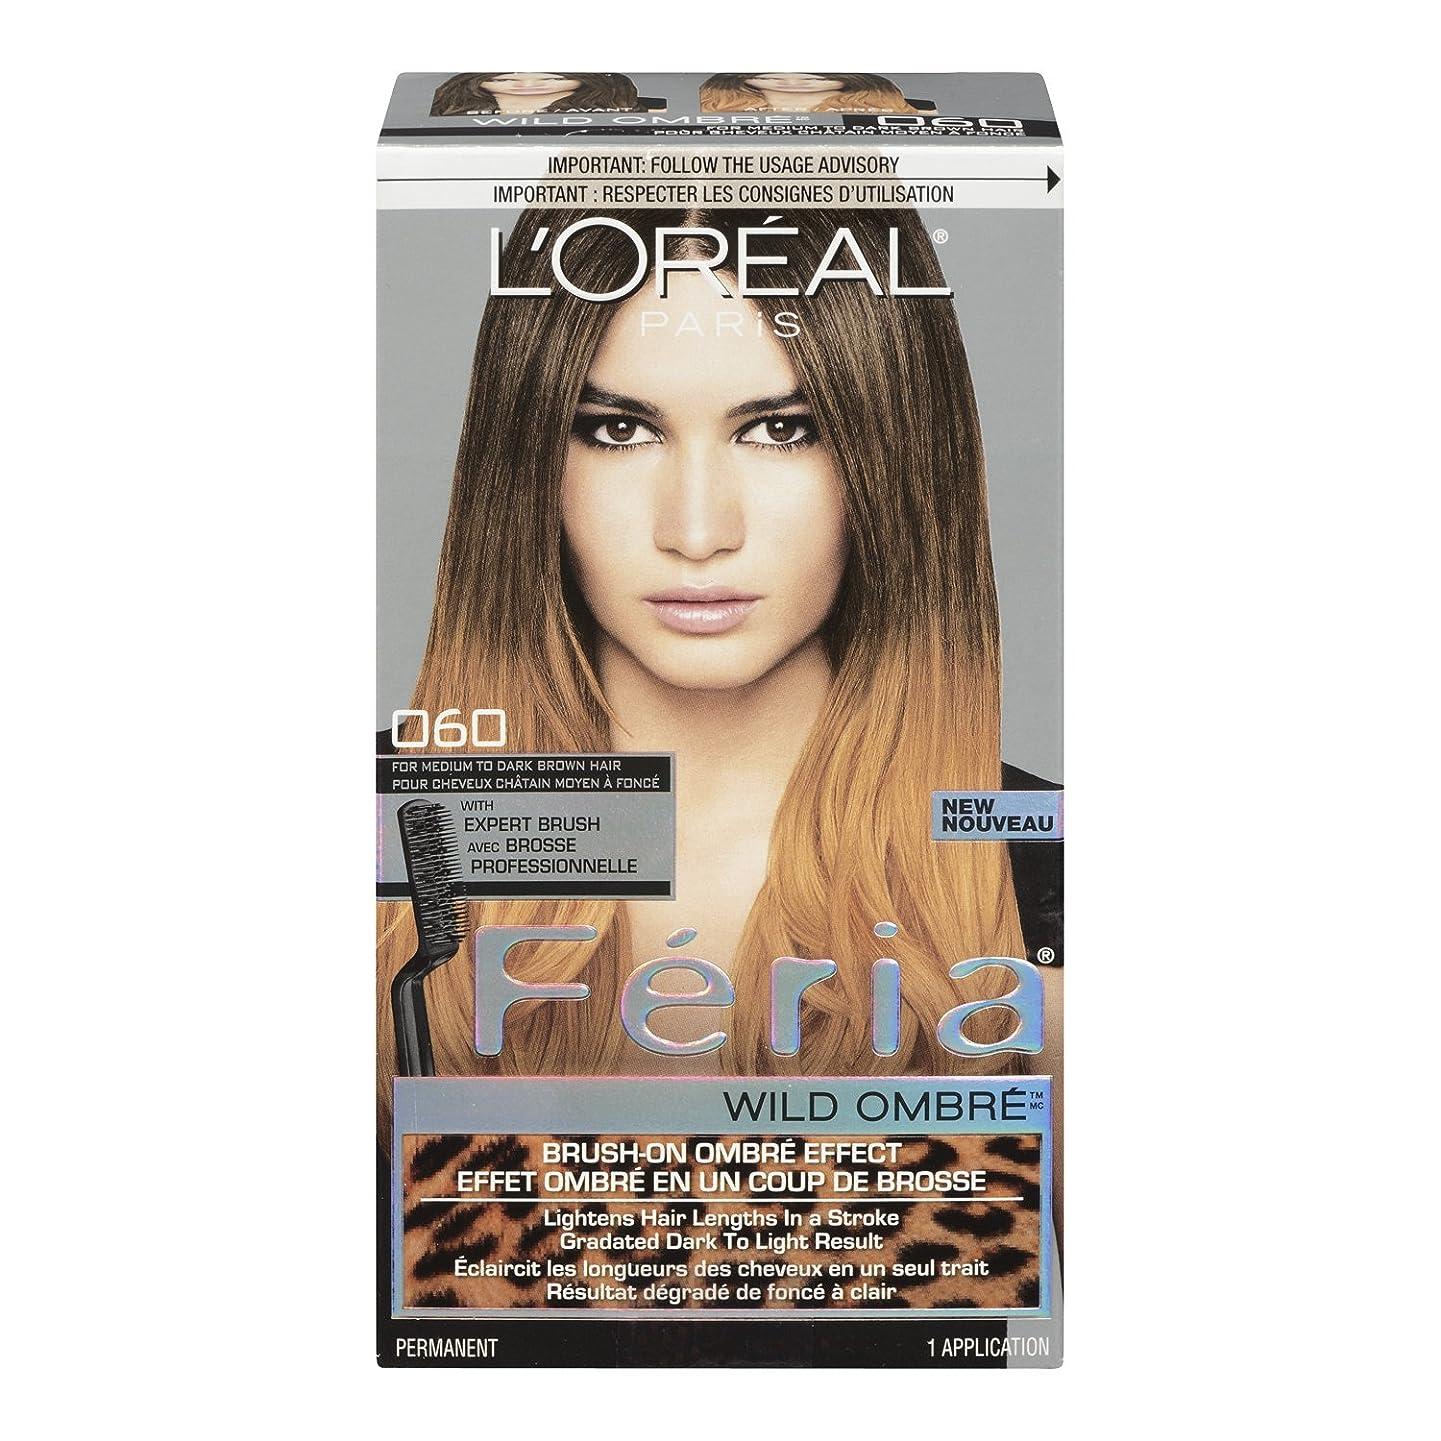 チャールズキージングオーバーフロースライムL'Oreal Feria Wild Ombre Hair Color, O60 Medium to Dark Brown by L'Oreal Paris Hair Color [並行輸入品]